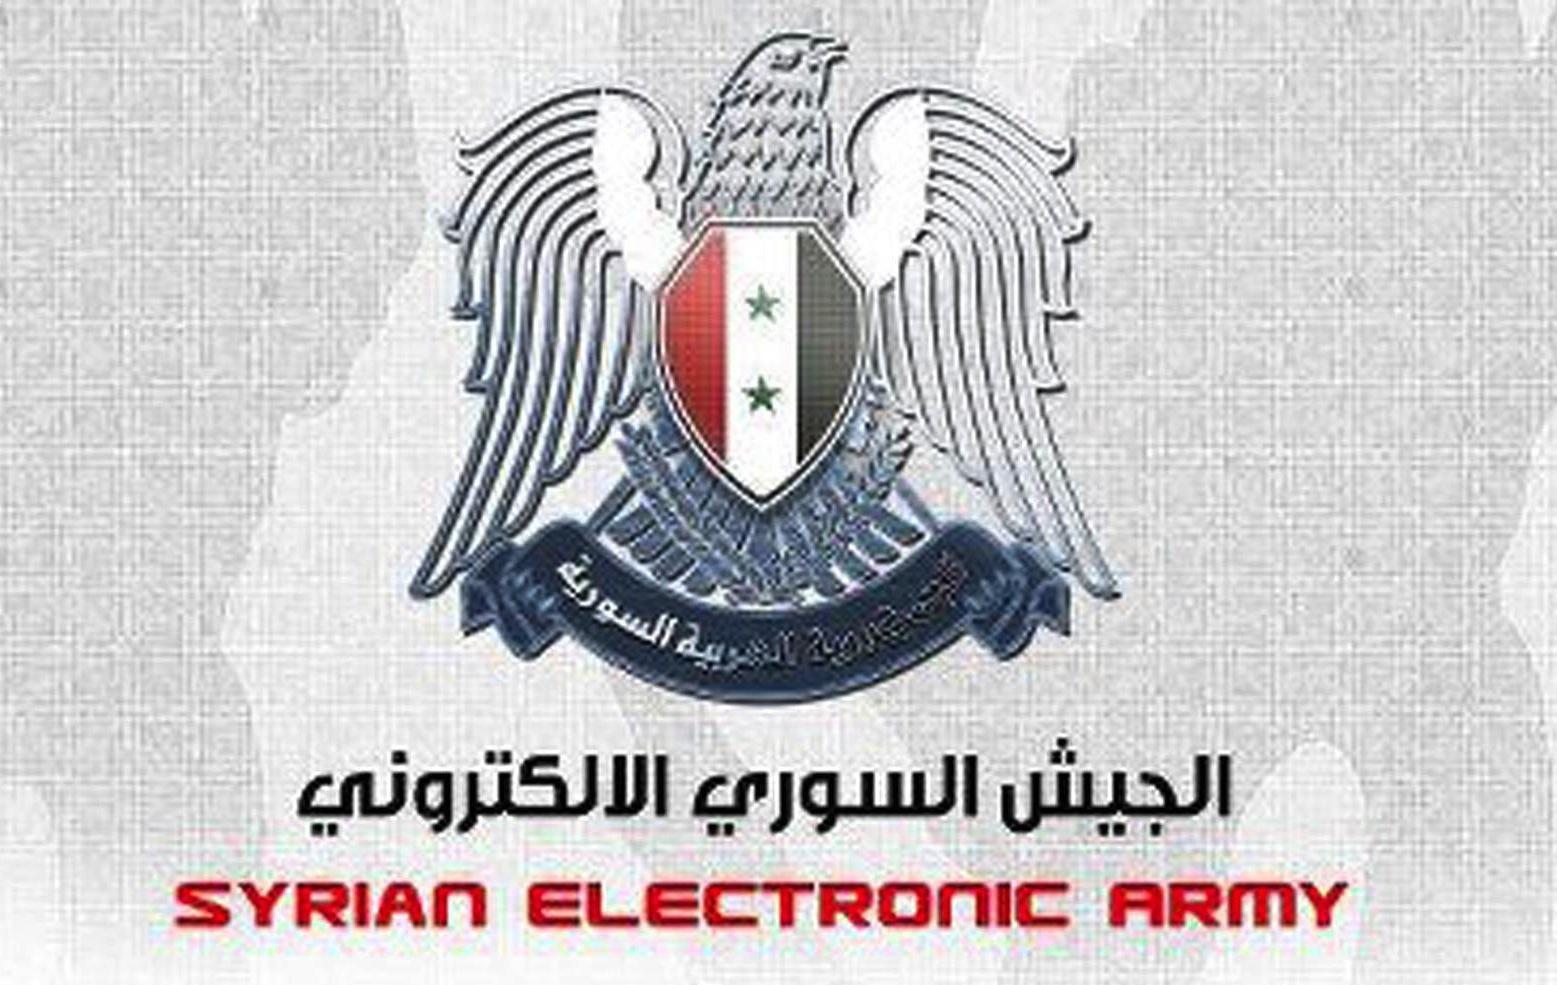 Logo de la Syrian eletronic army